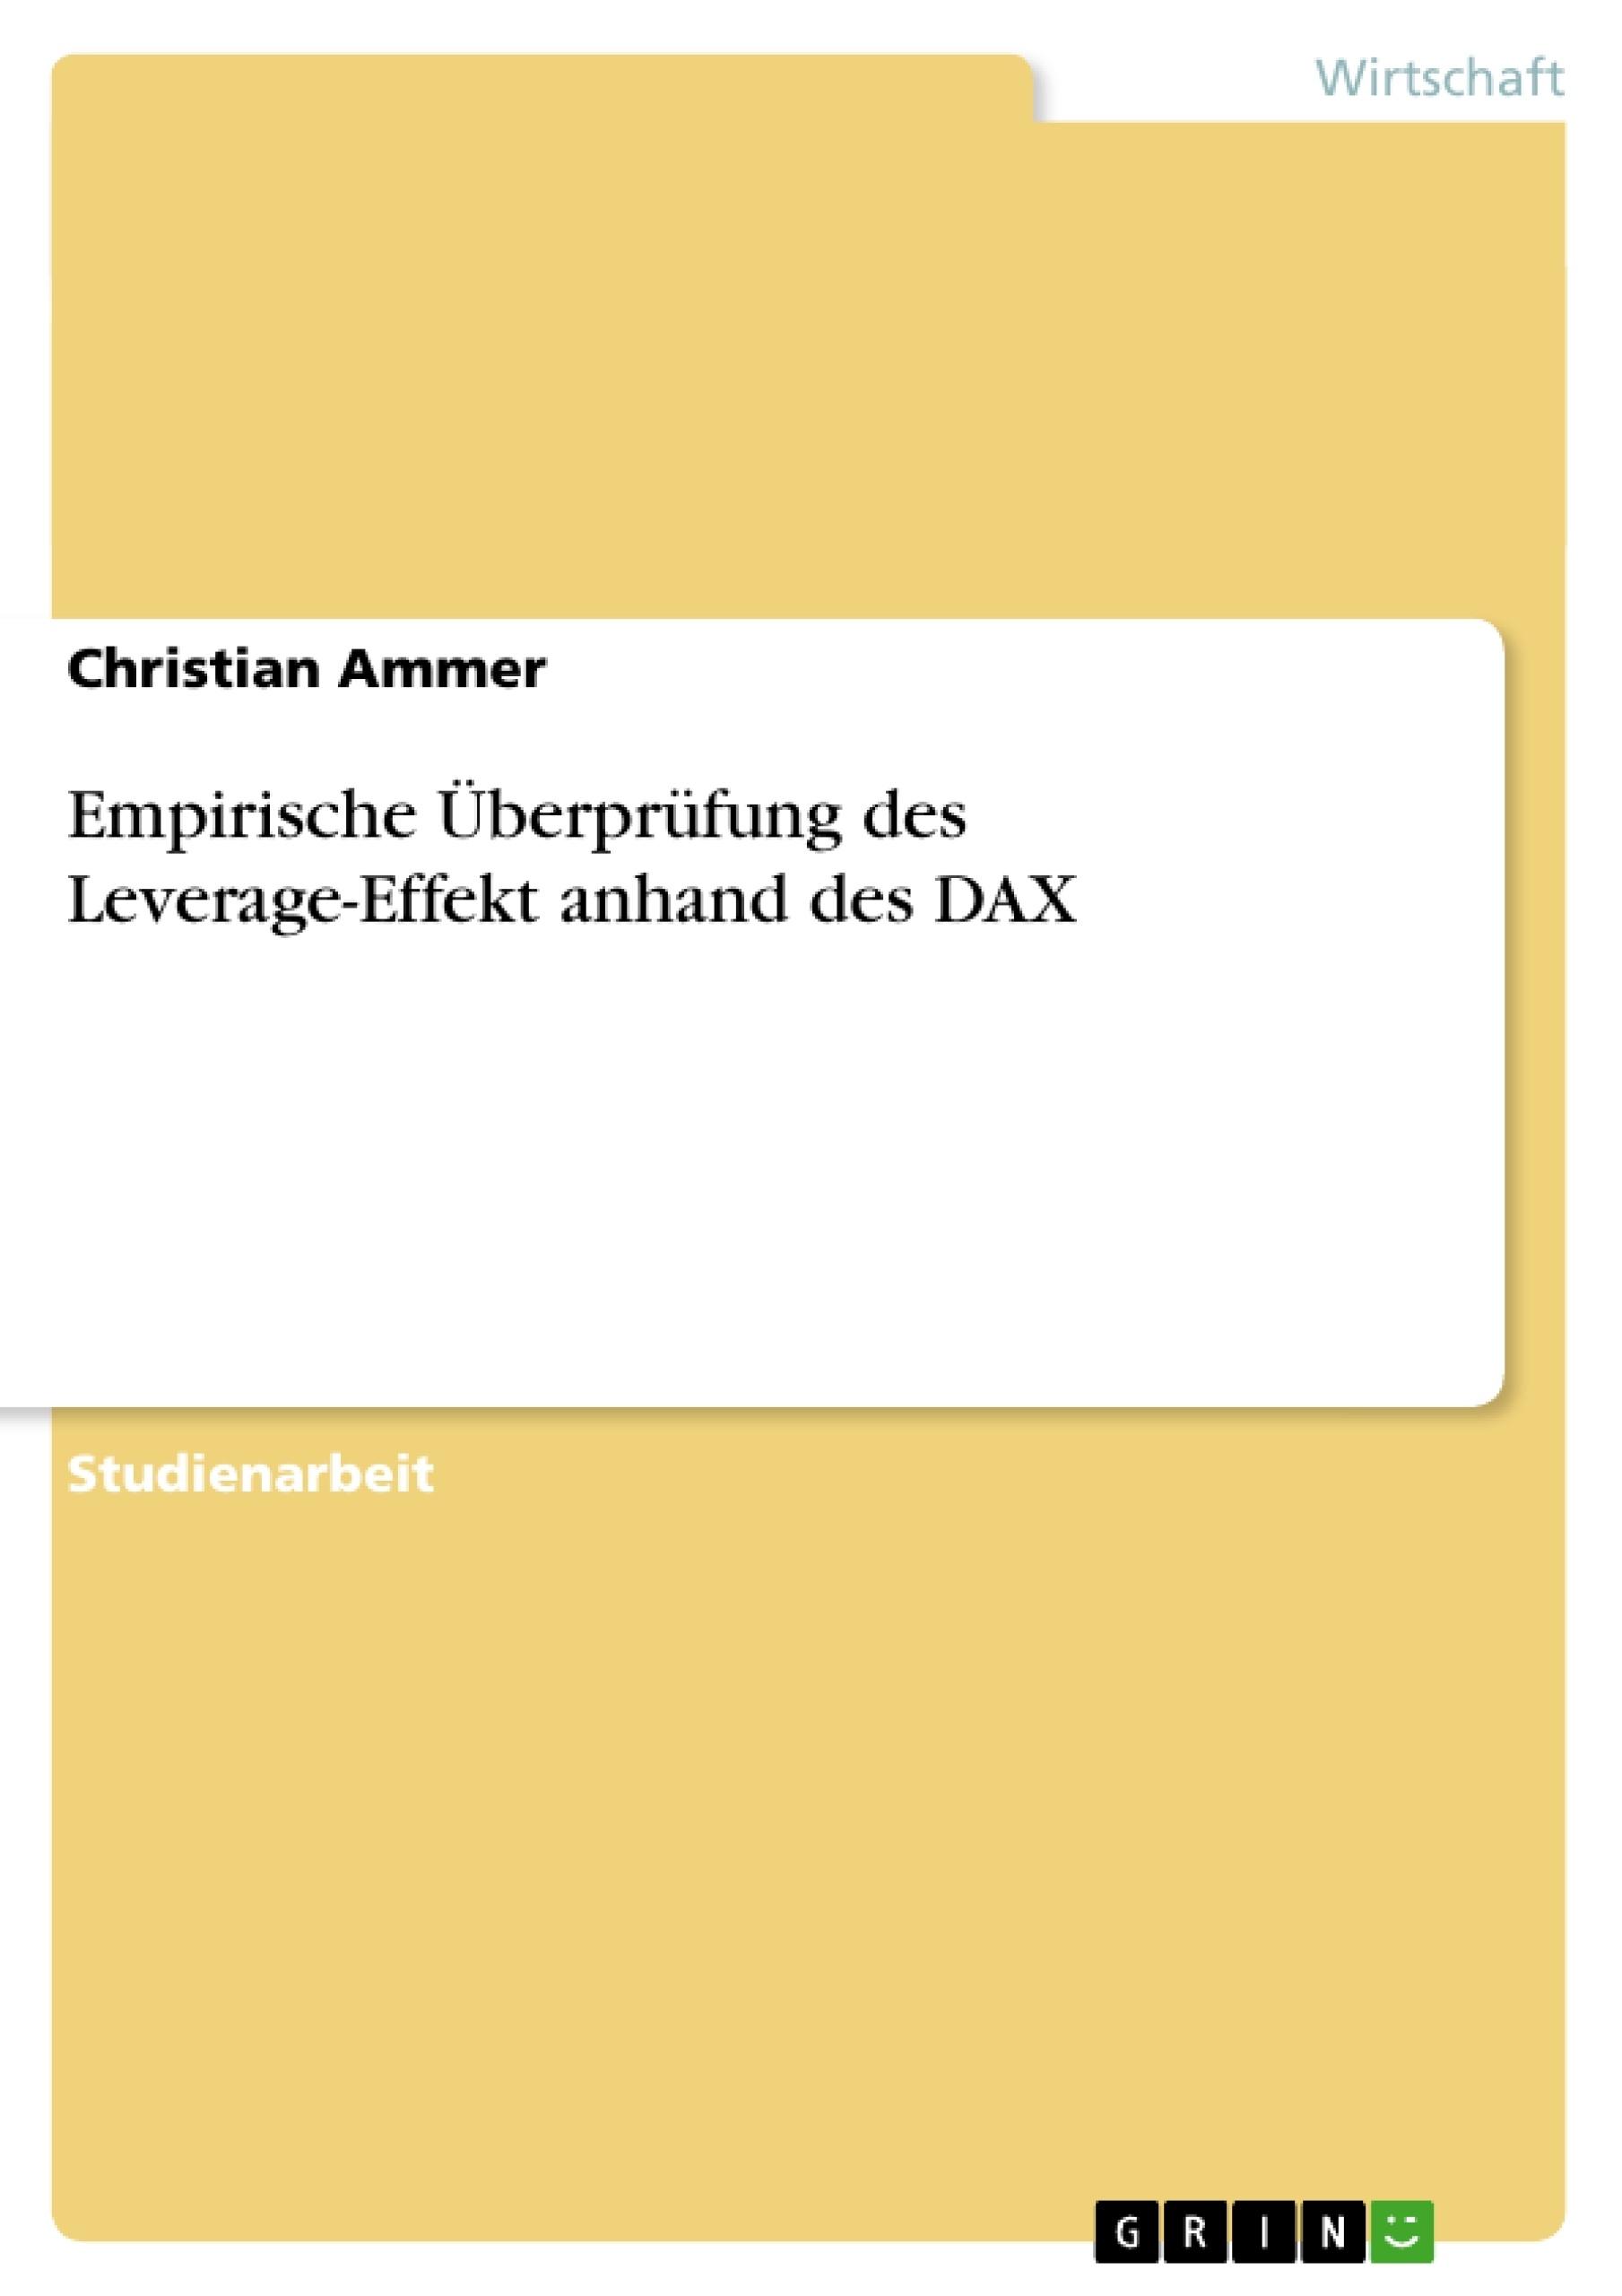 Titel: Empirische Überprüfung des Leverage-Effekt anhand des DAX